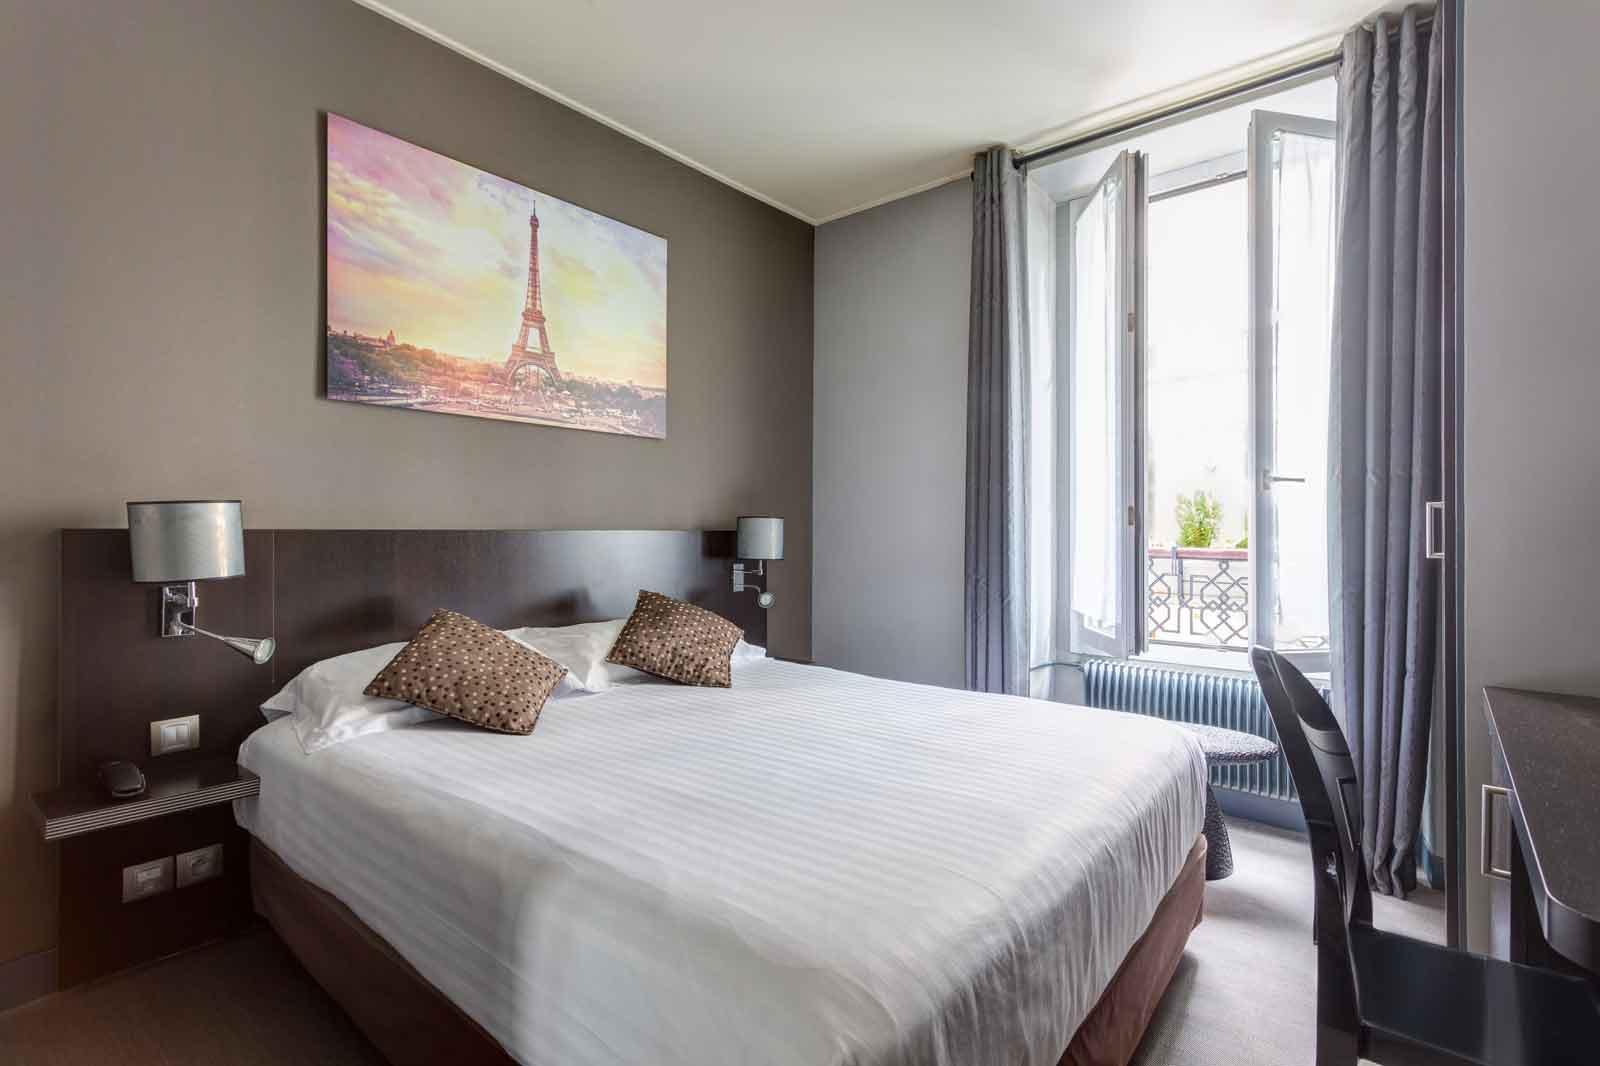 Chambre double hotel jardin de villiers paris 17 for Reserver un chambre